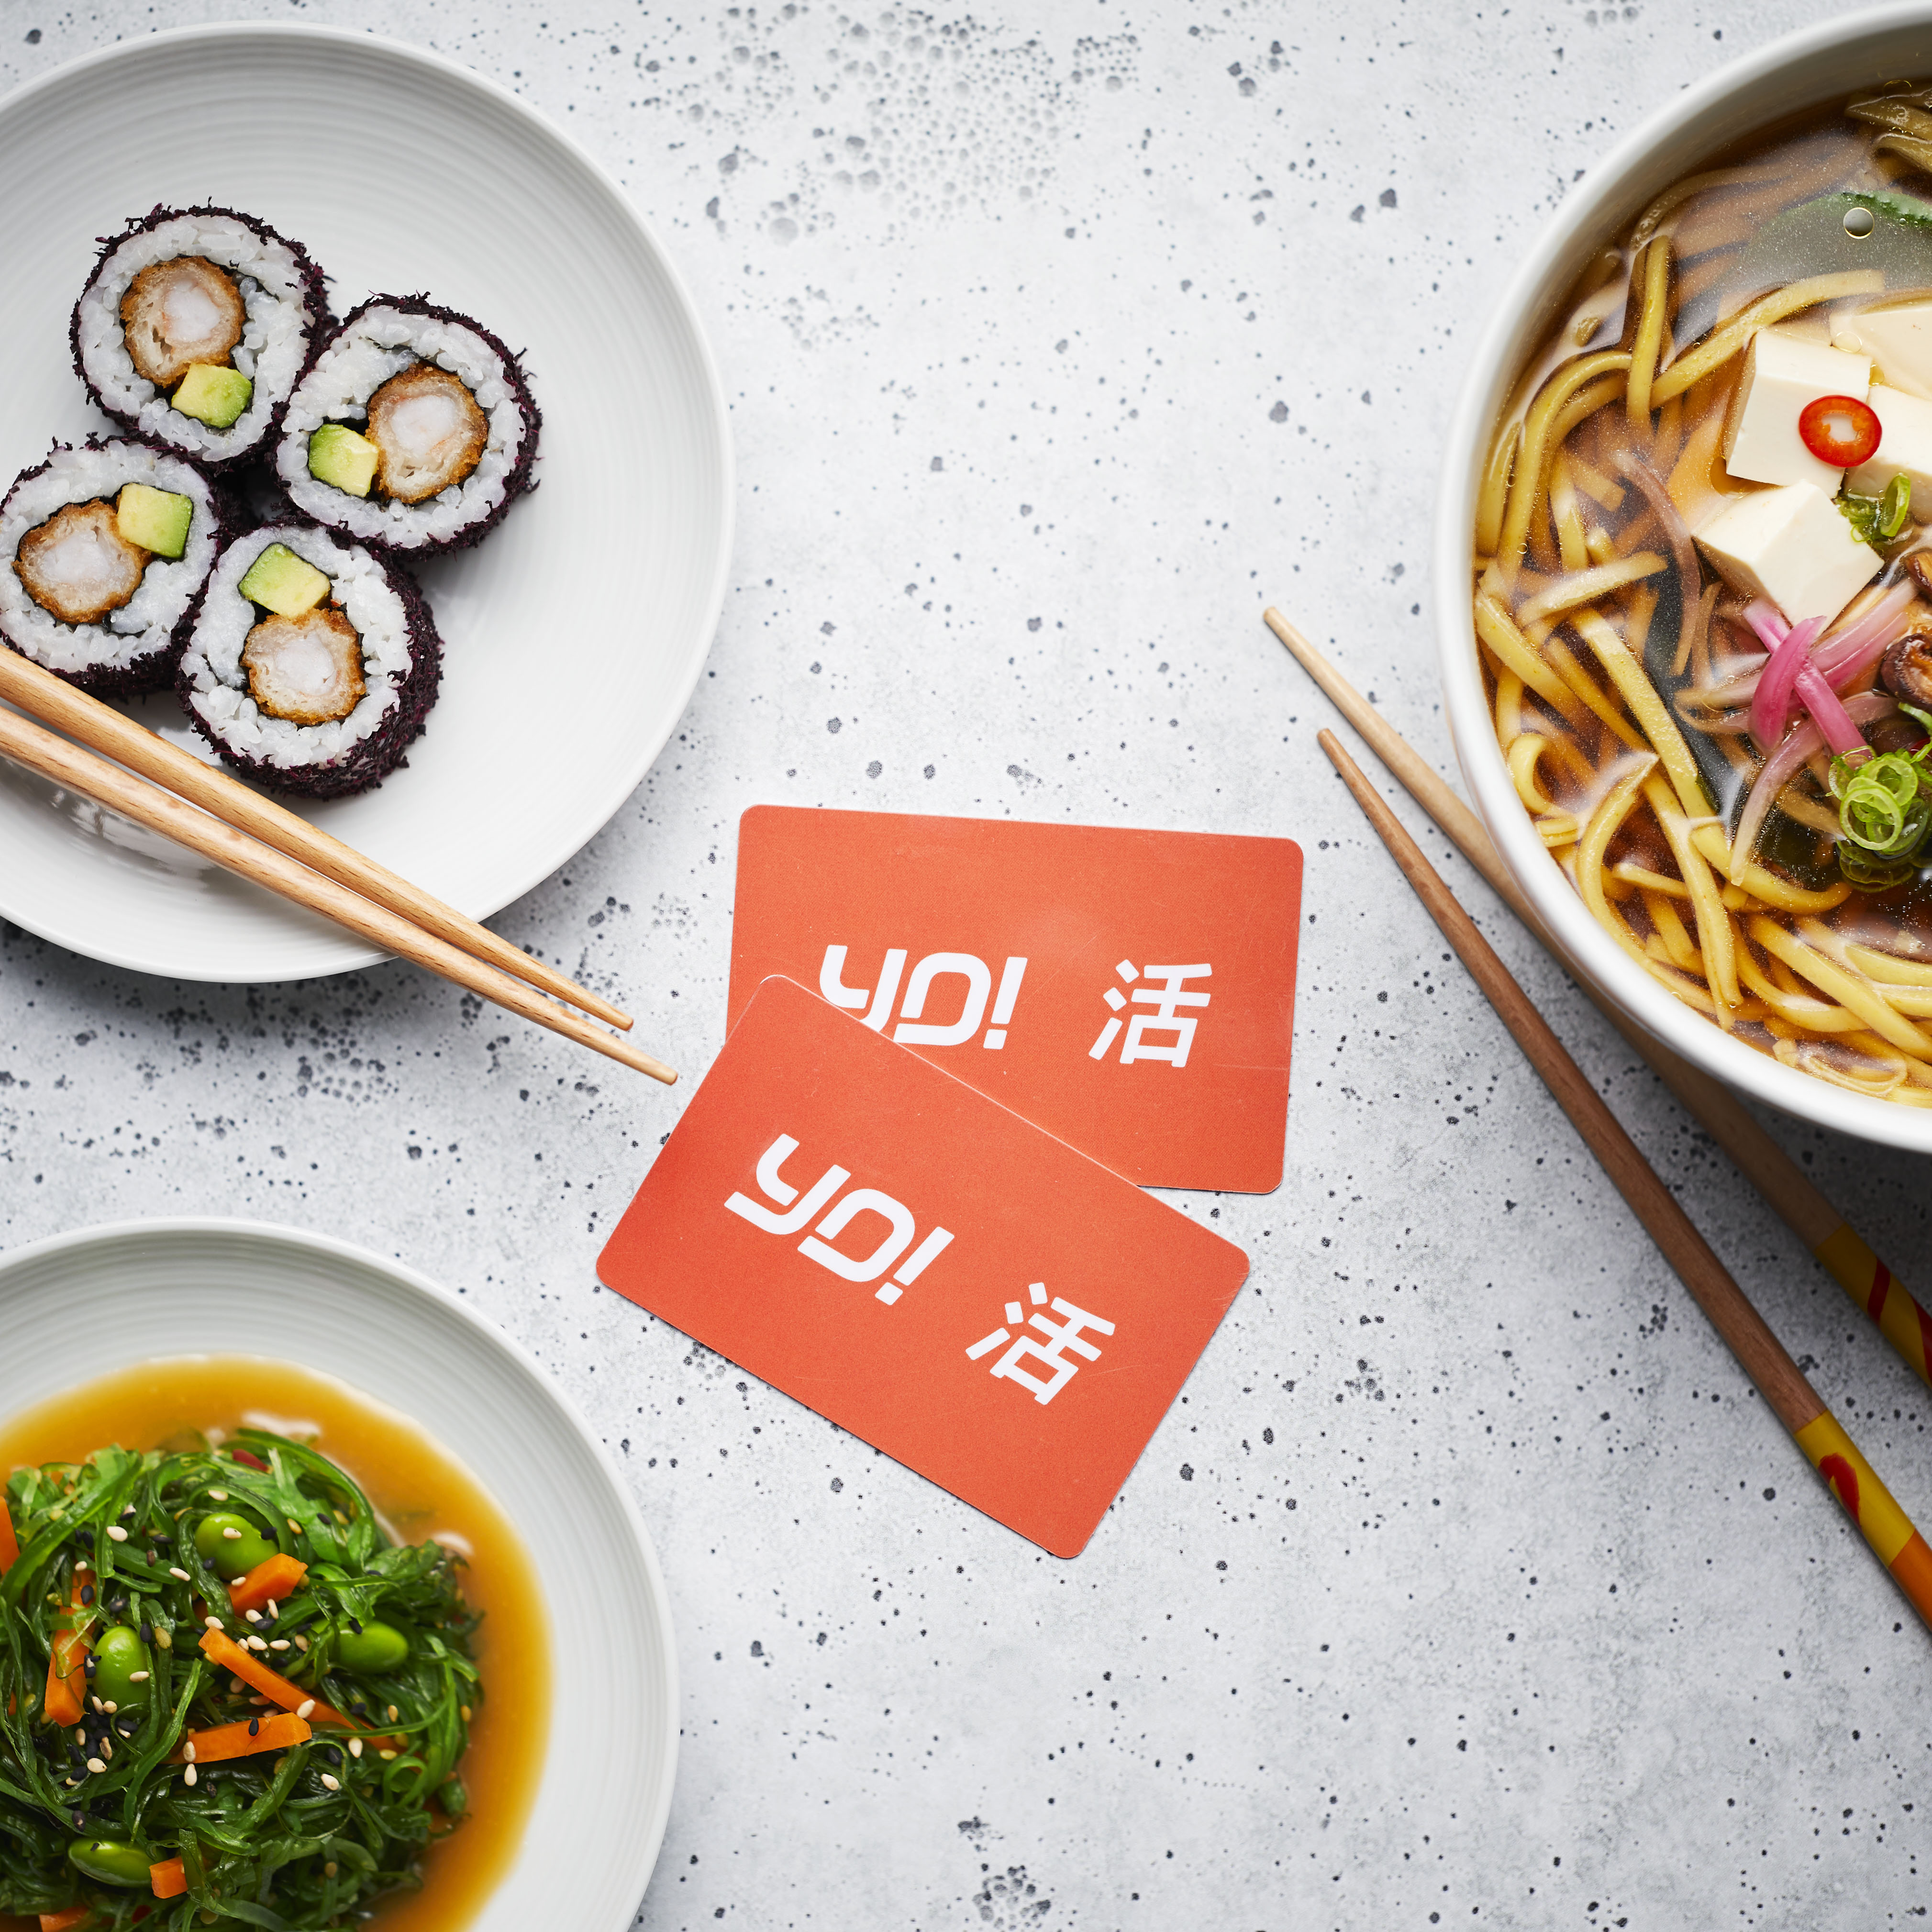 YO! Sushi Shop